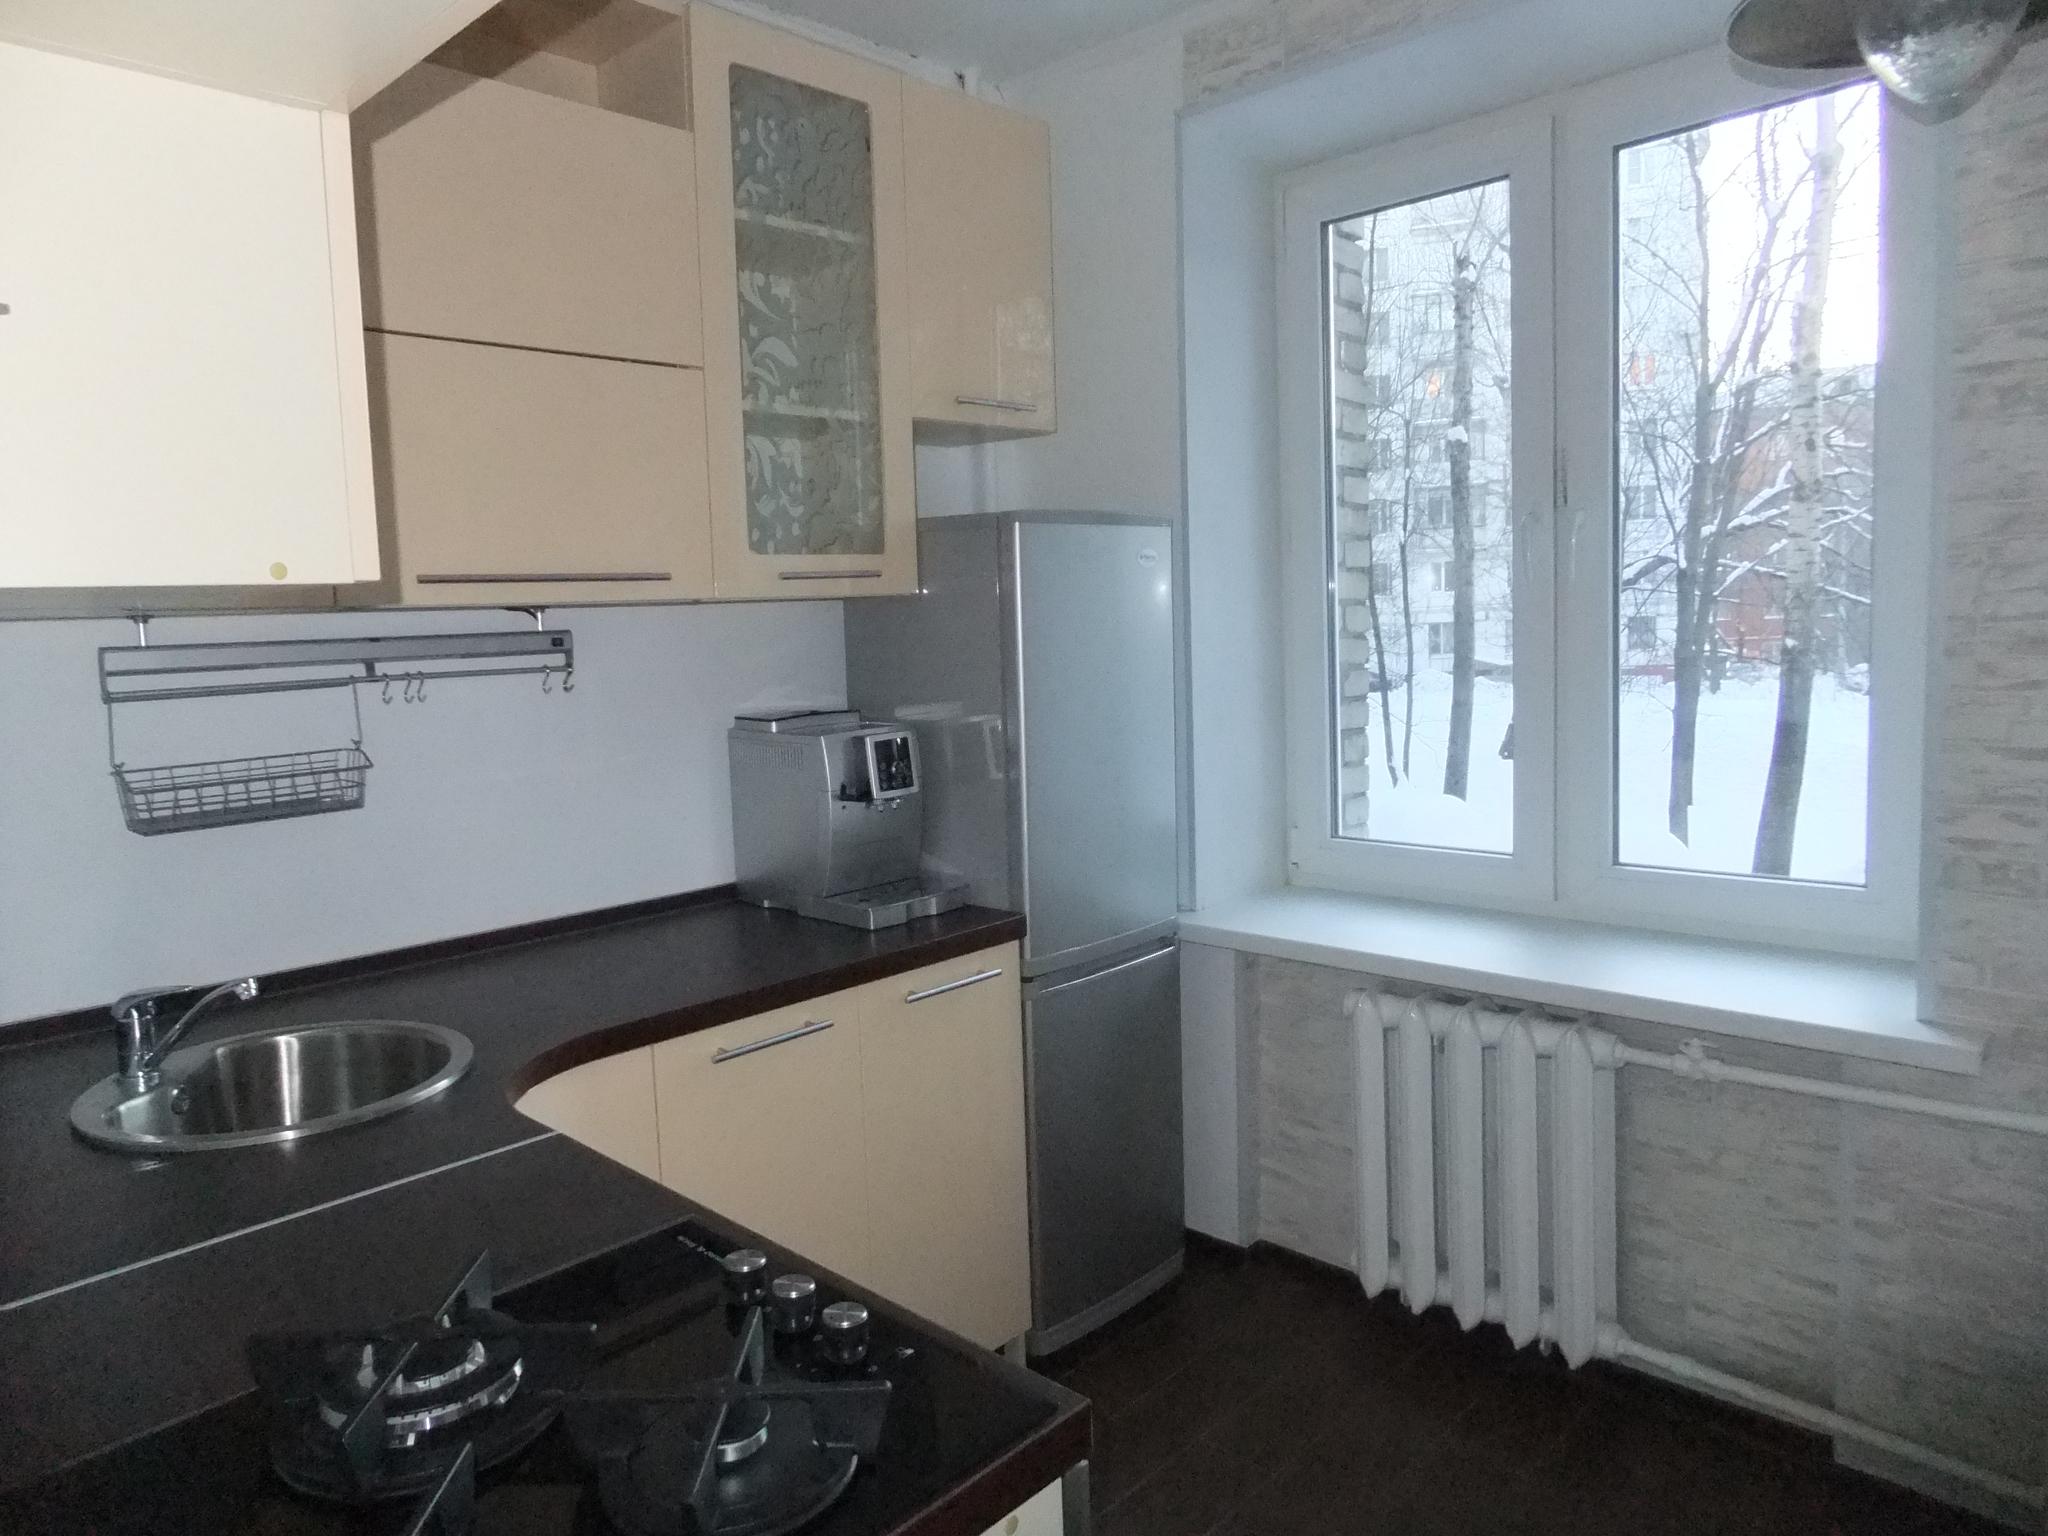 фото кухня 6 кв.м.